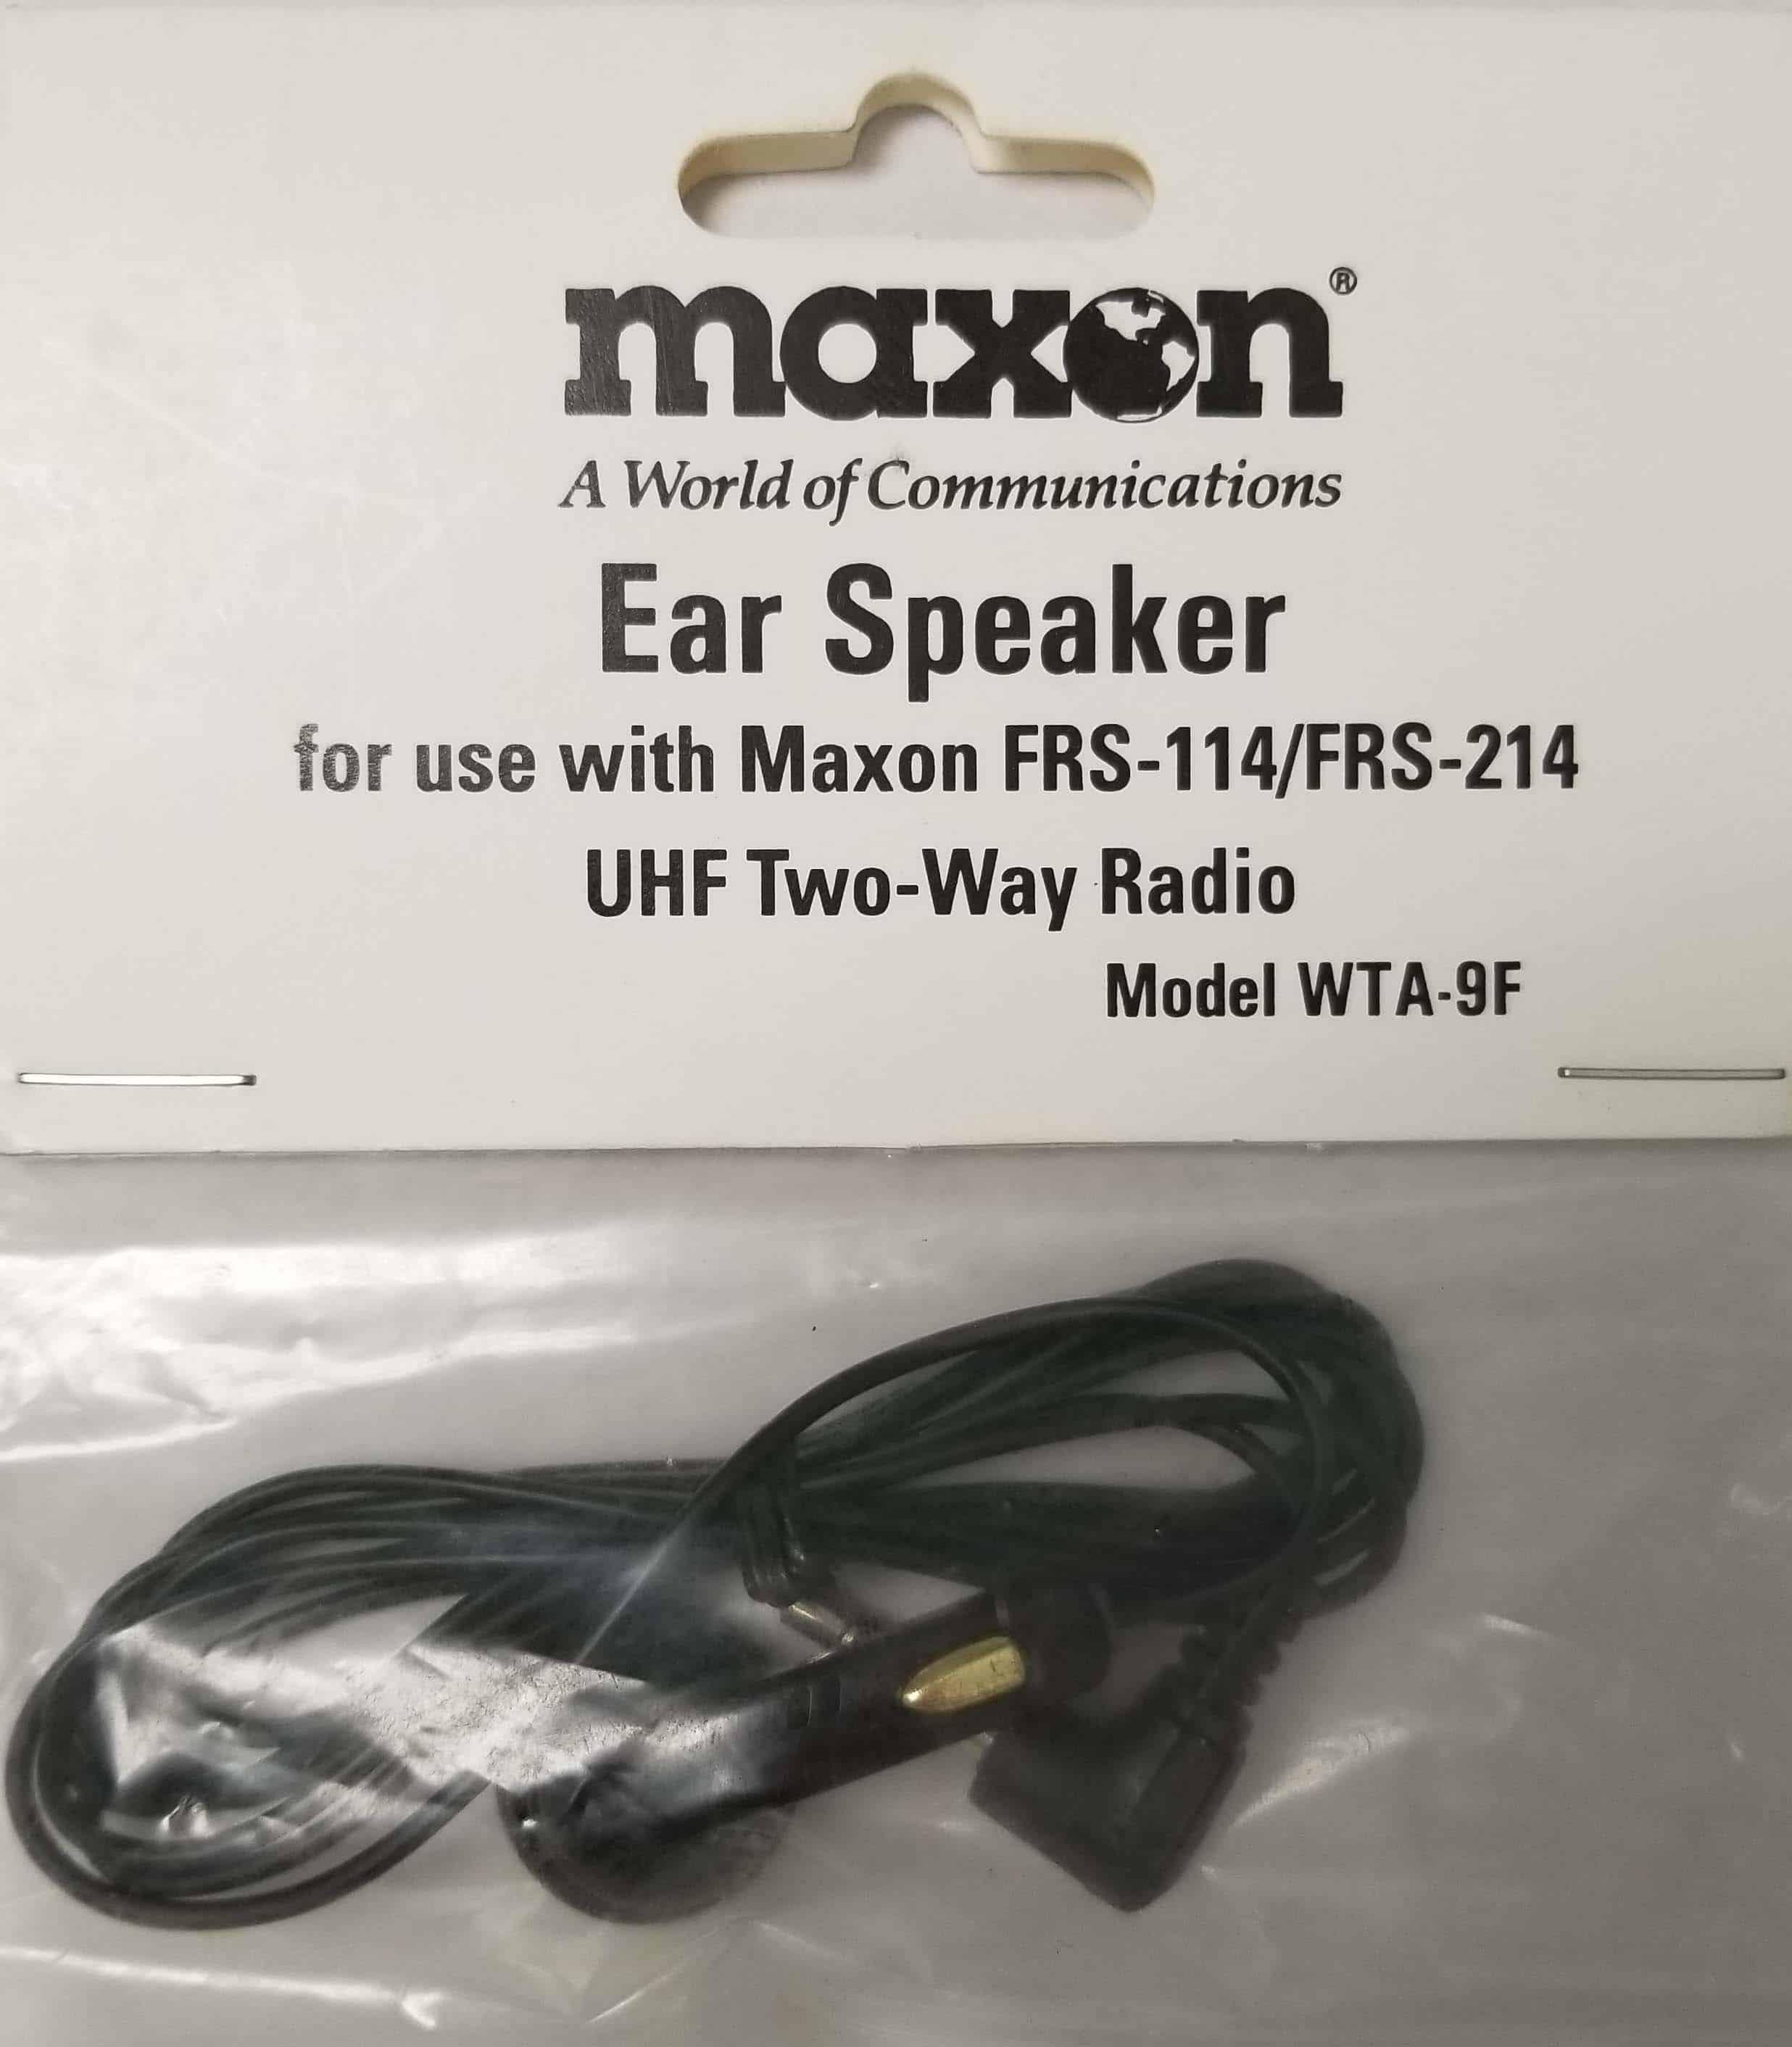 WTA9F - Ear Speaker For FRS-114 Radio